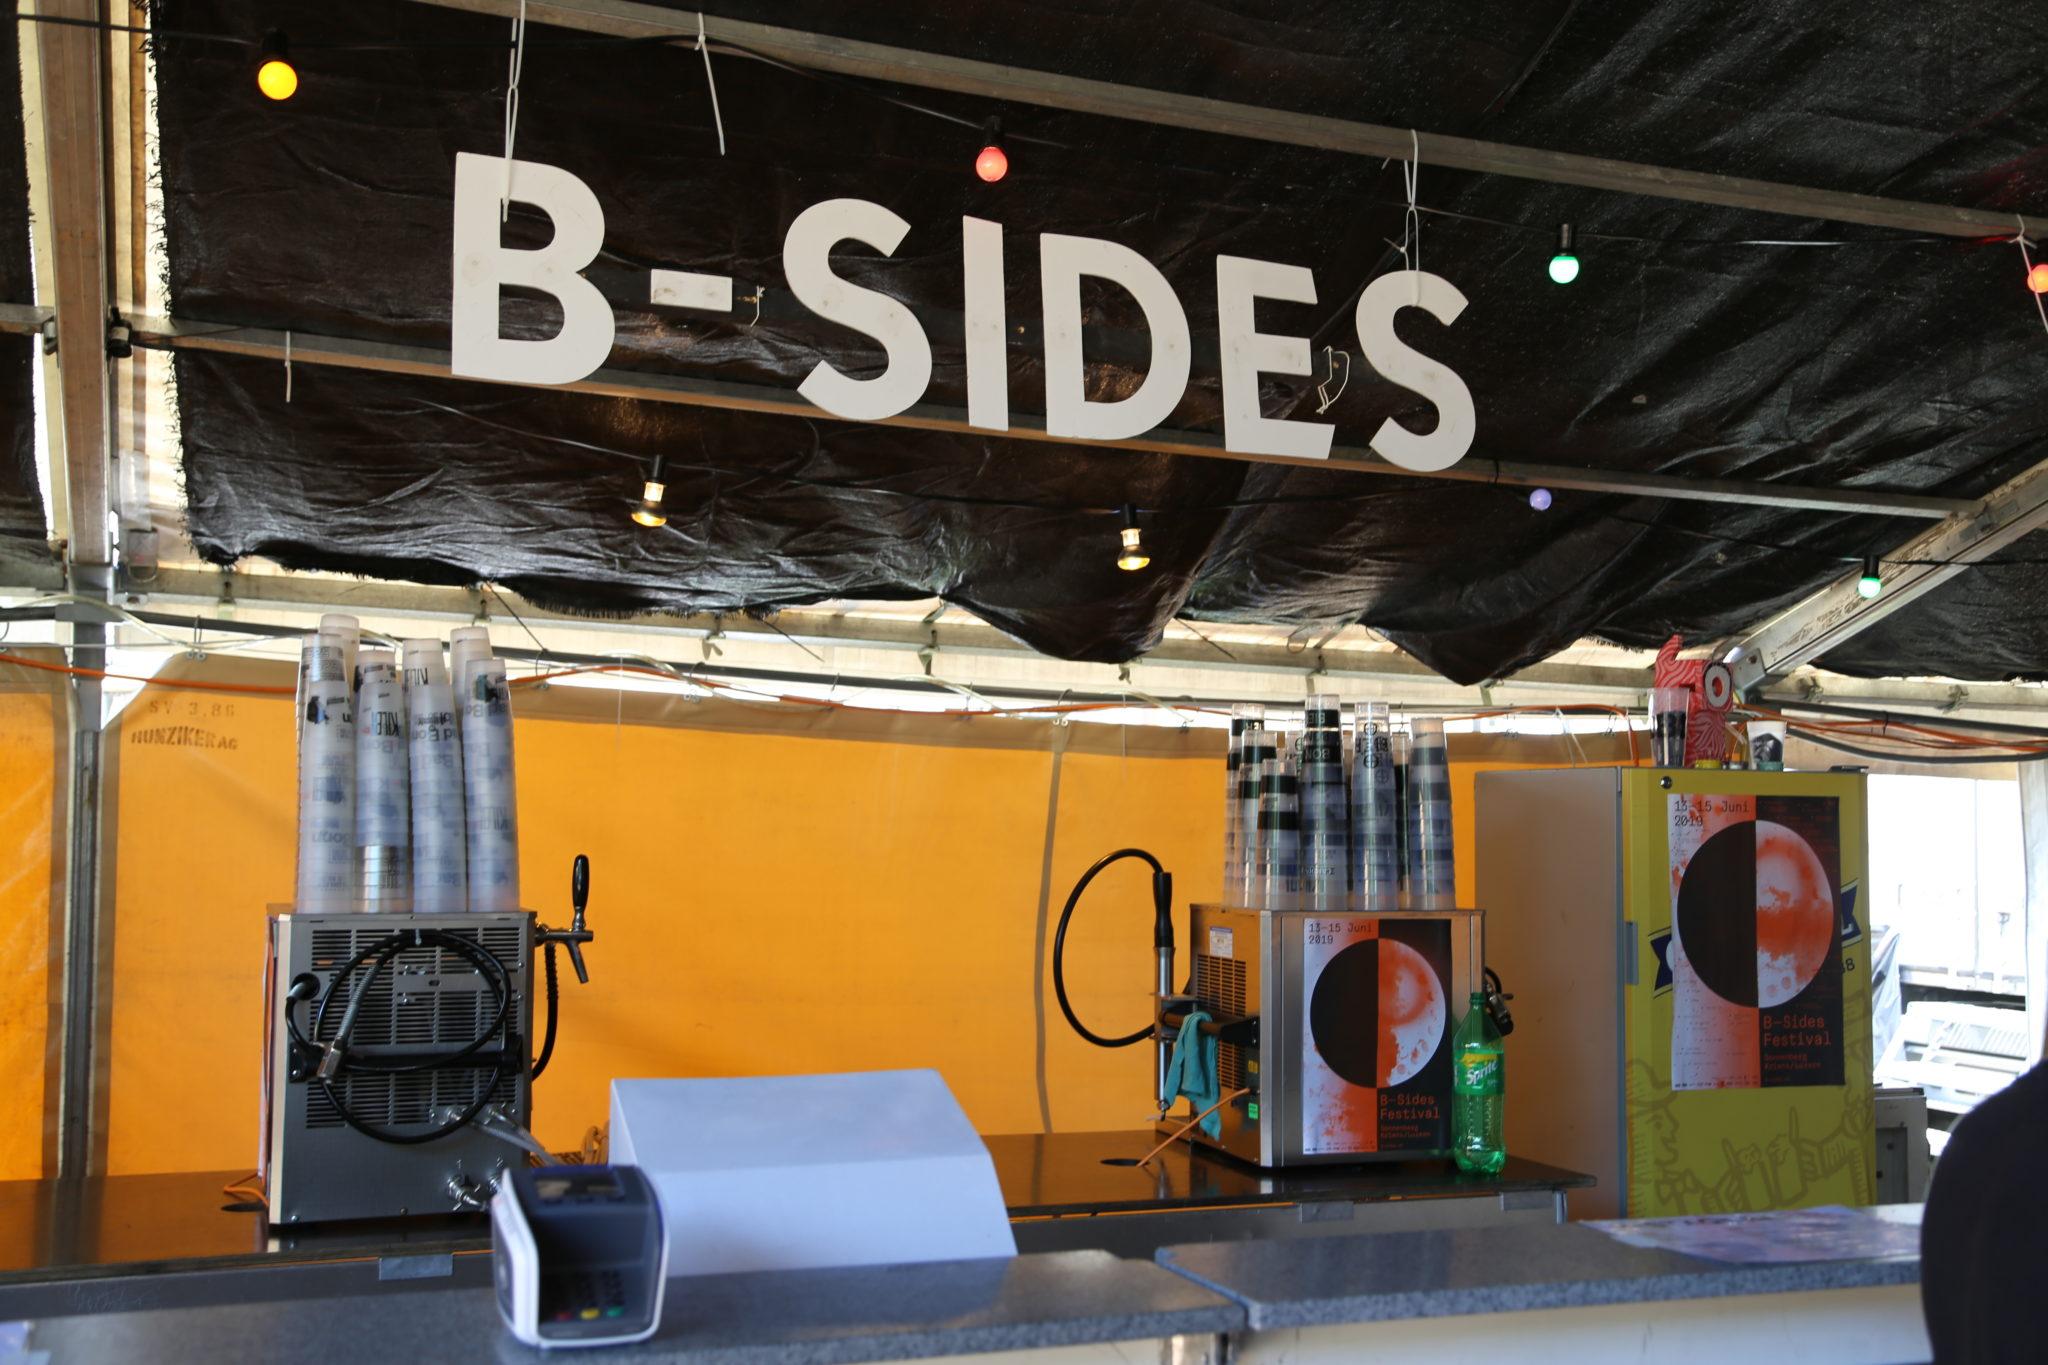 Das B-Sides Festival findet dieses Jahr vom 14-16. Juni au dem Sonnenberg in Luzern statt und ist seit Jahren eng mit der Bad Bon Kilbi verbunden.